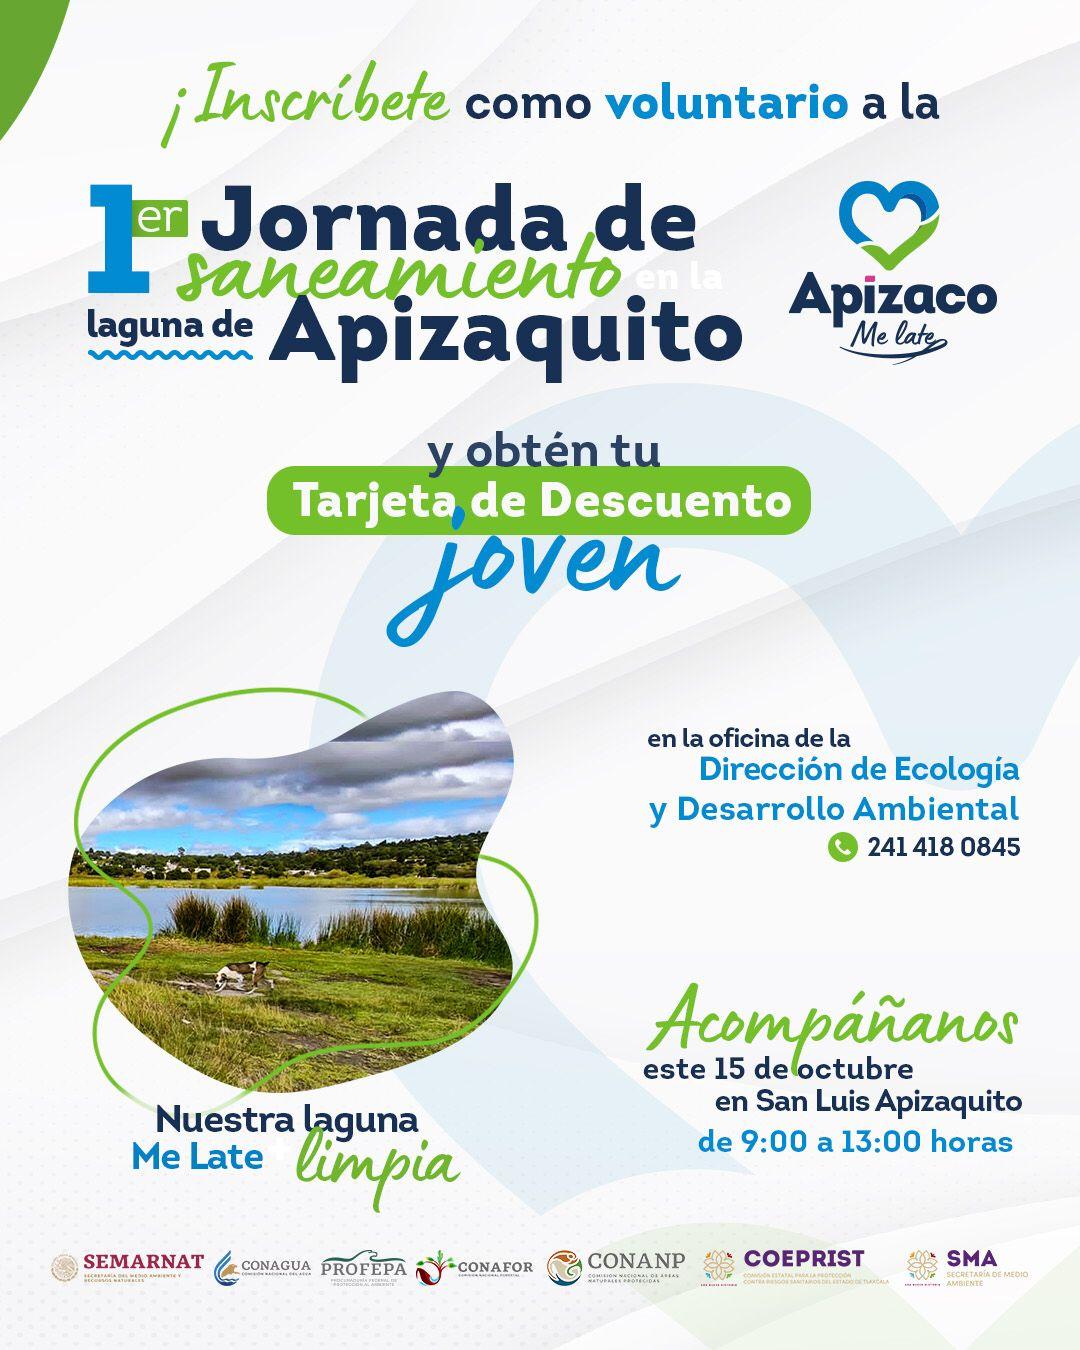 Gobierno de Apizaco invita a jornada de limpieza de la laguna de Apizaquito